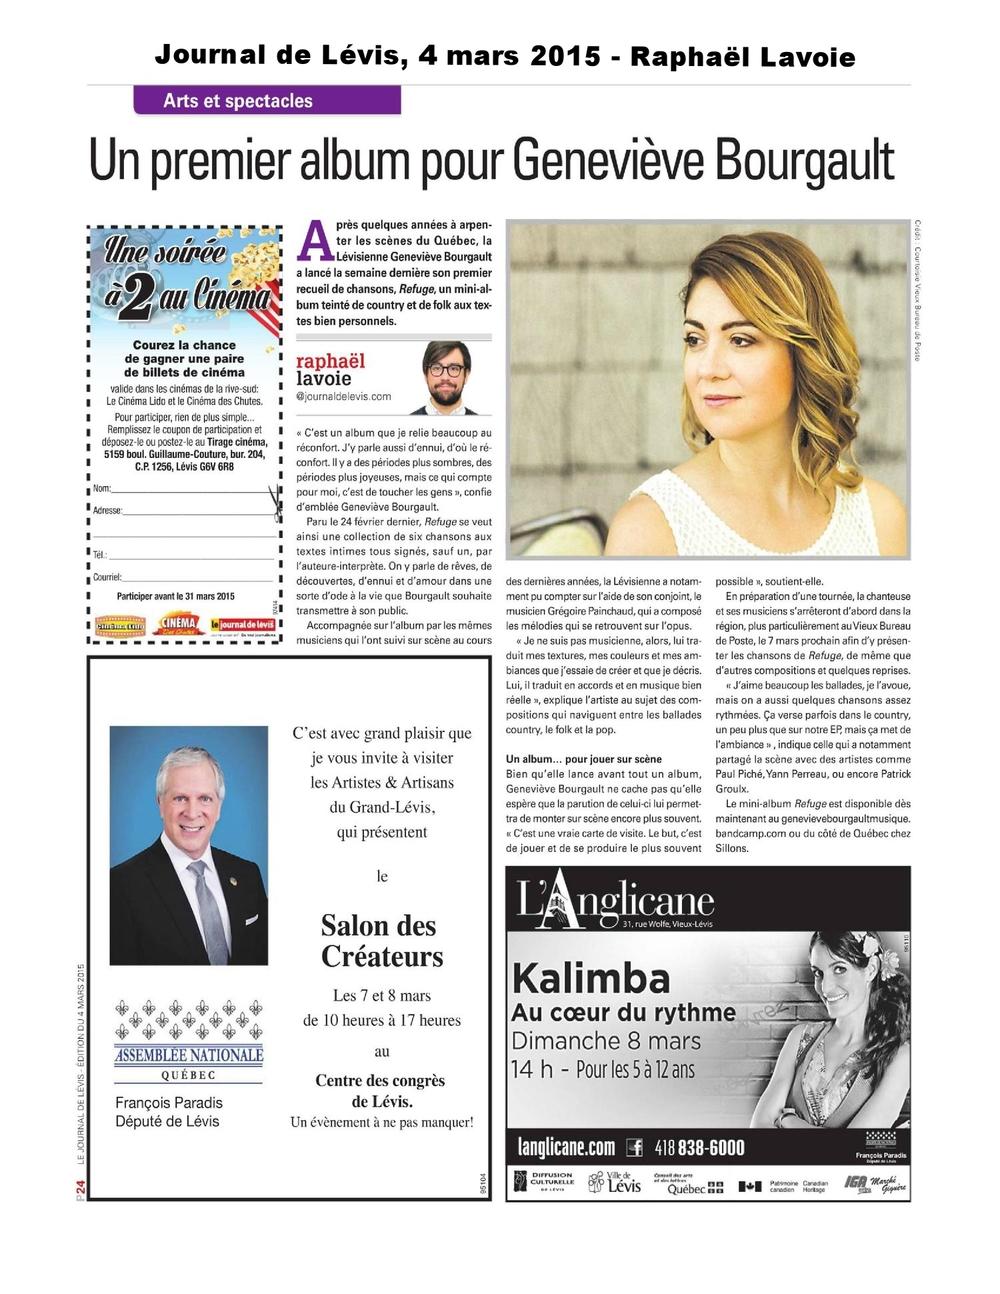 Journal de Levis 4 mars 2015 (Raphaël Lavoie)-page-001 (1).jpg